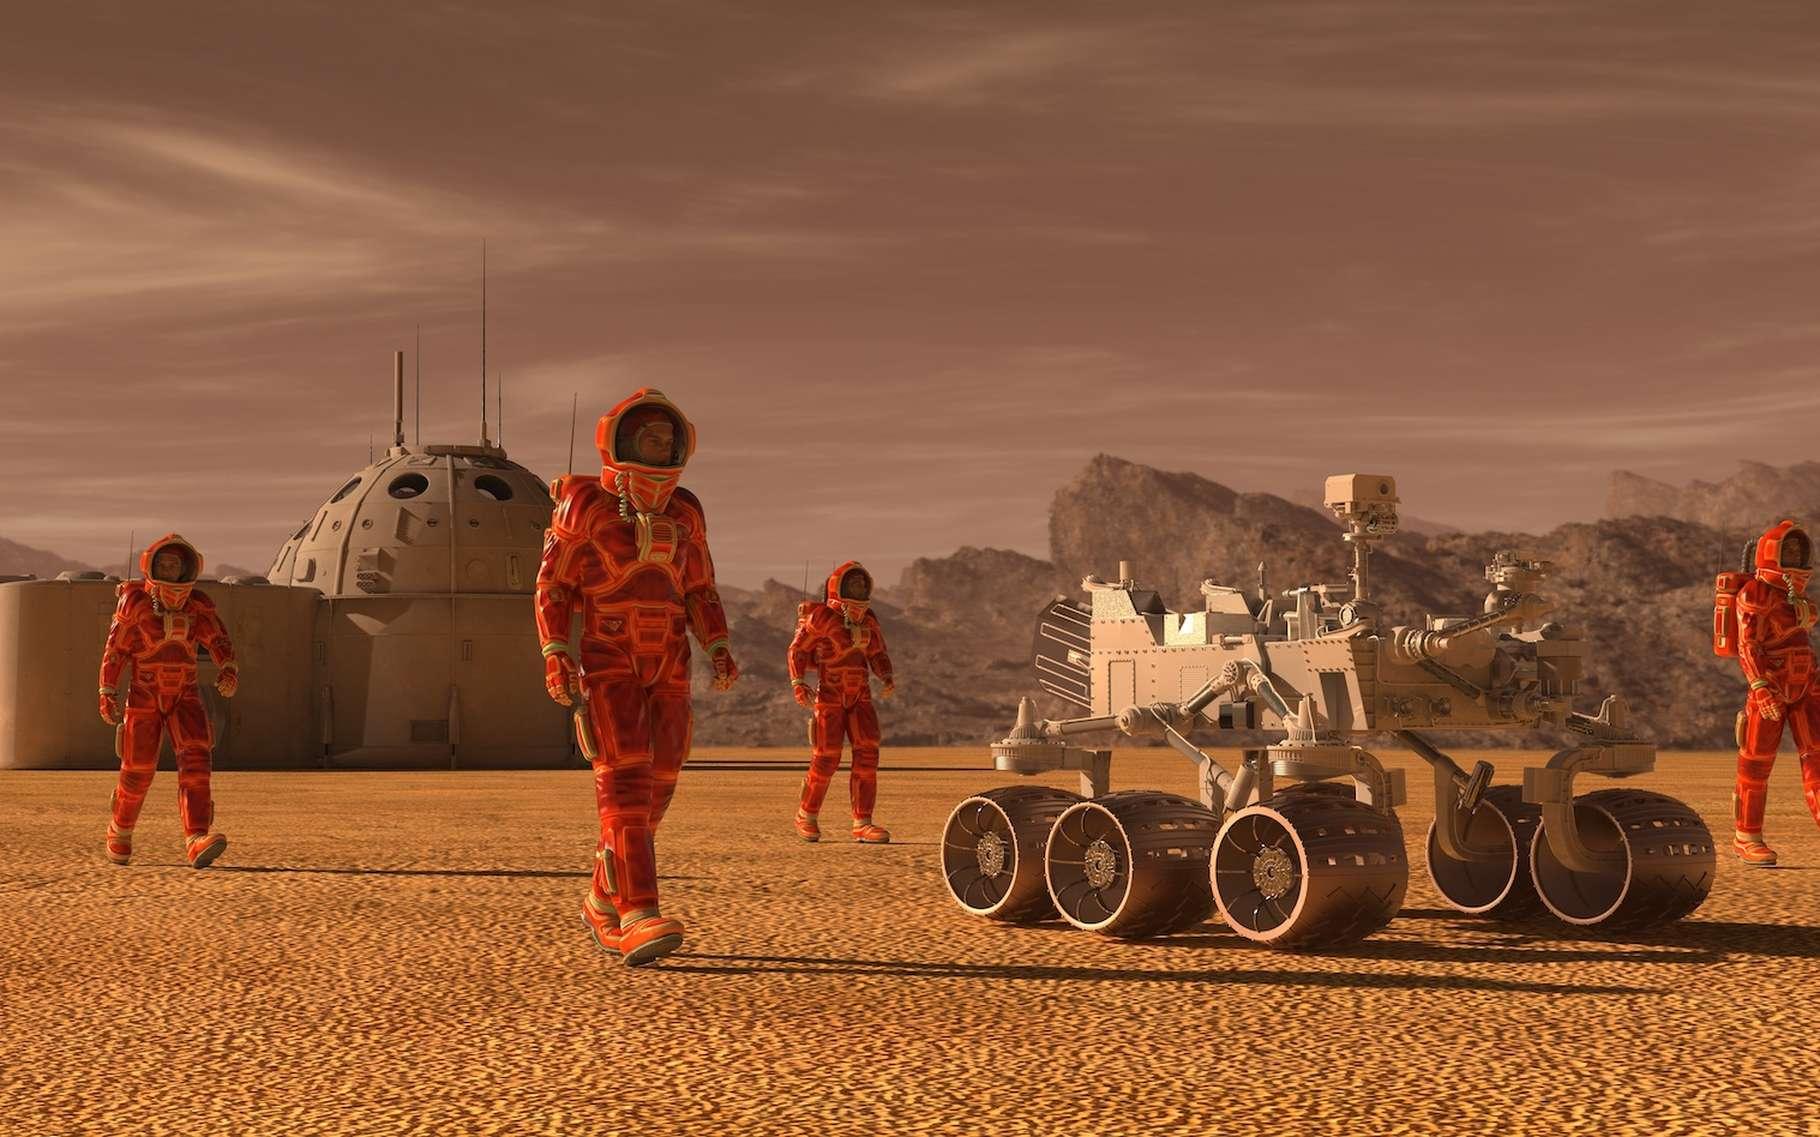 Sur Terre, construire un calendrier qui coïncide avec le cycle des saisons n'a pas été simple. Si des Hommes s'installent durablement sur Mars, il faudra faire de même sur la Planète rouge. © elenaed, Adobe Stock